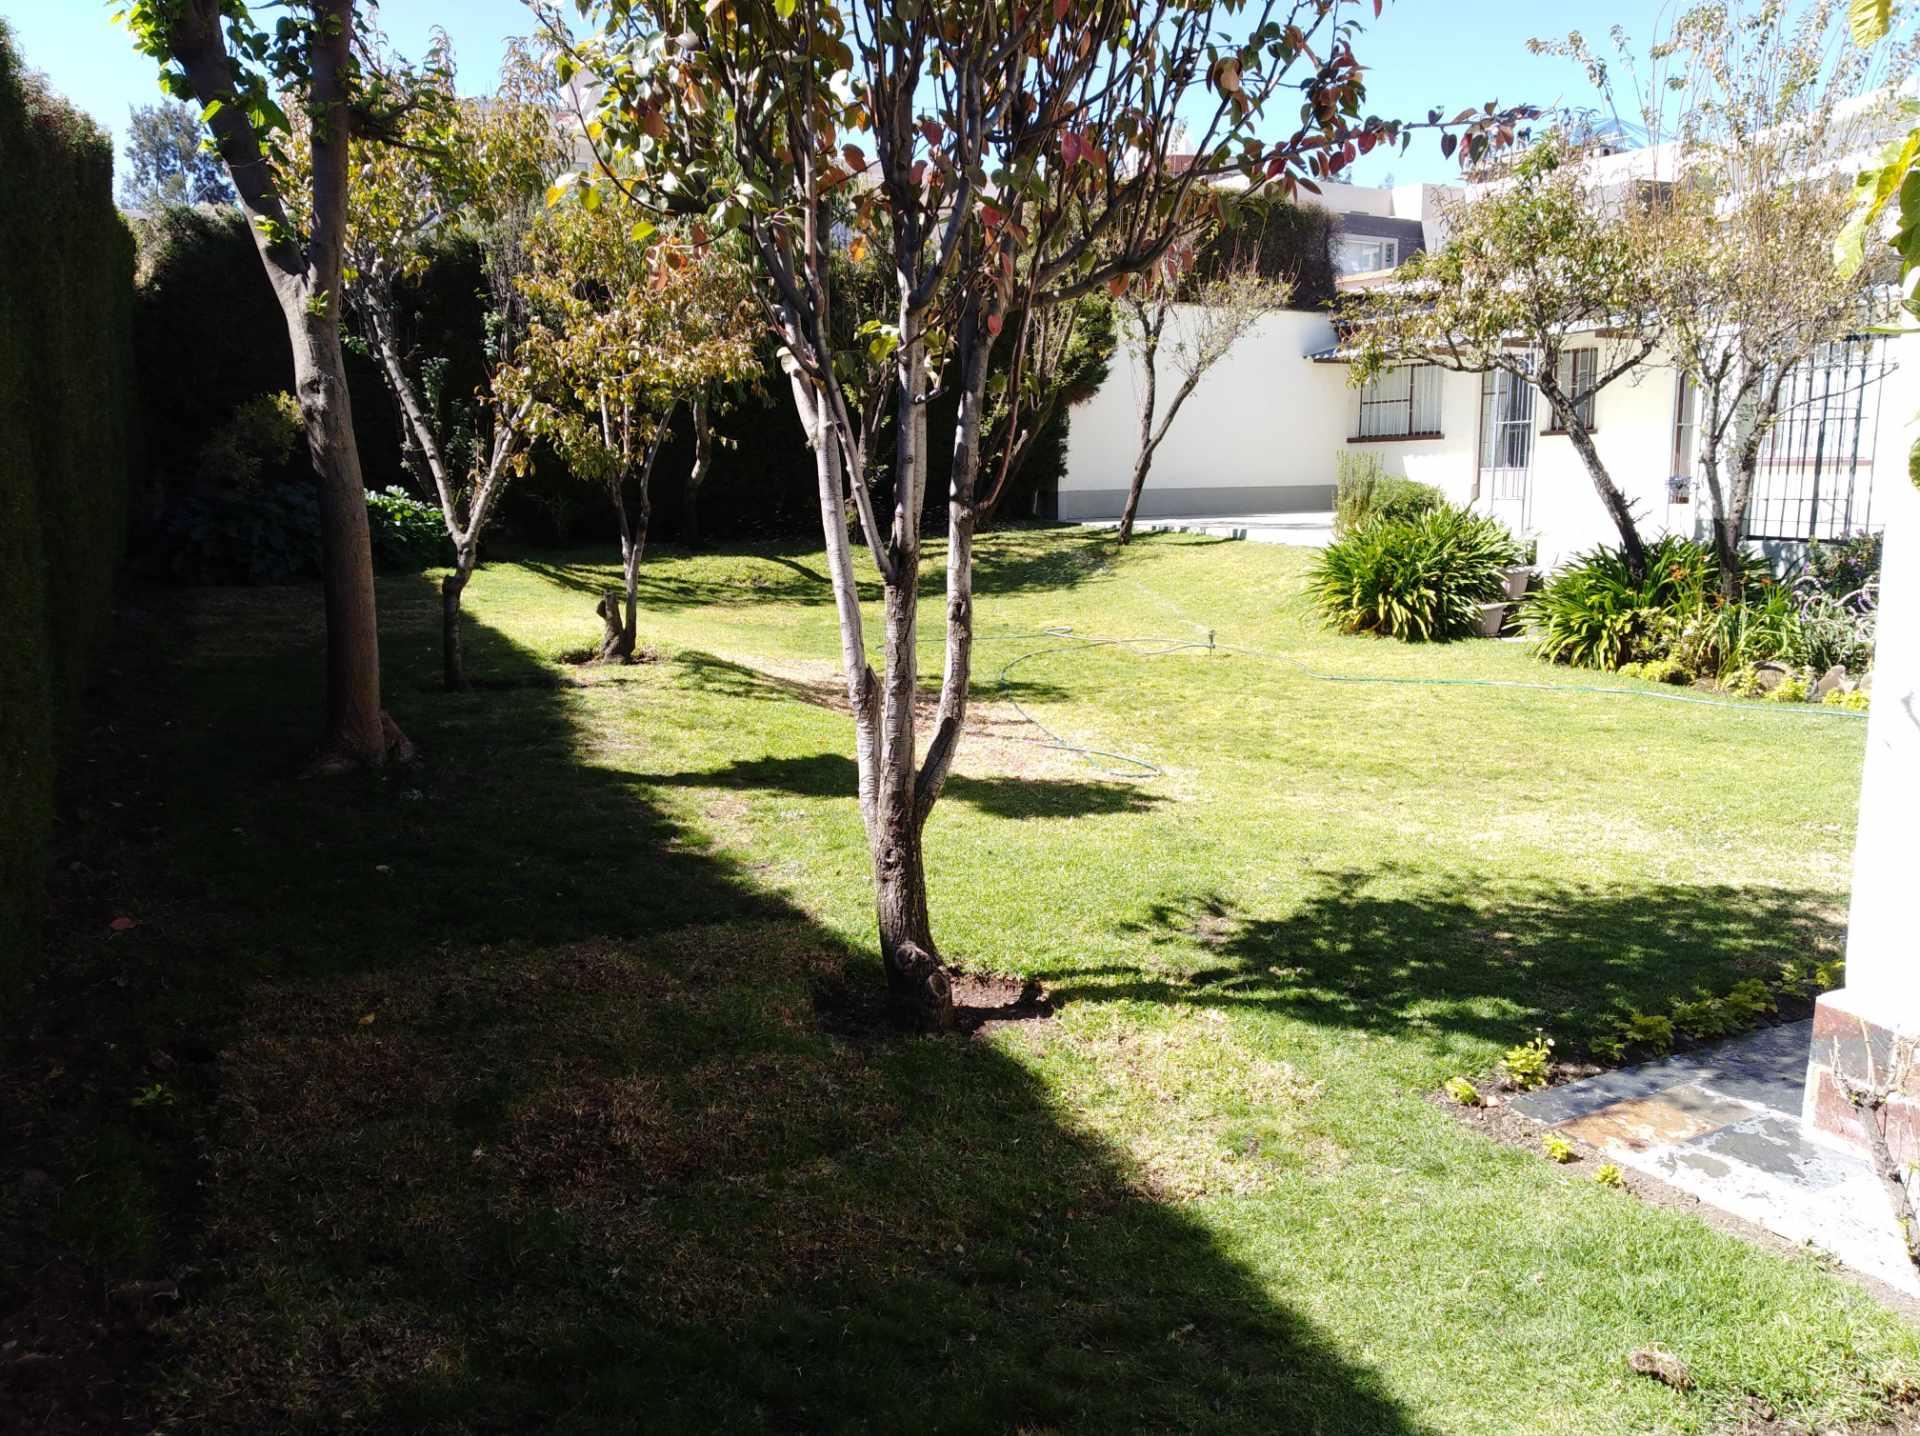 Casa en Alquiler CALACOTO calle 16 a 1/2 cuadra de la Av. Julio C. Patiño.  Foto 8